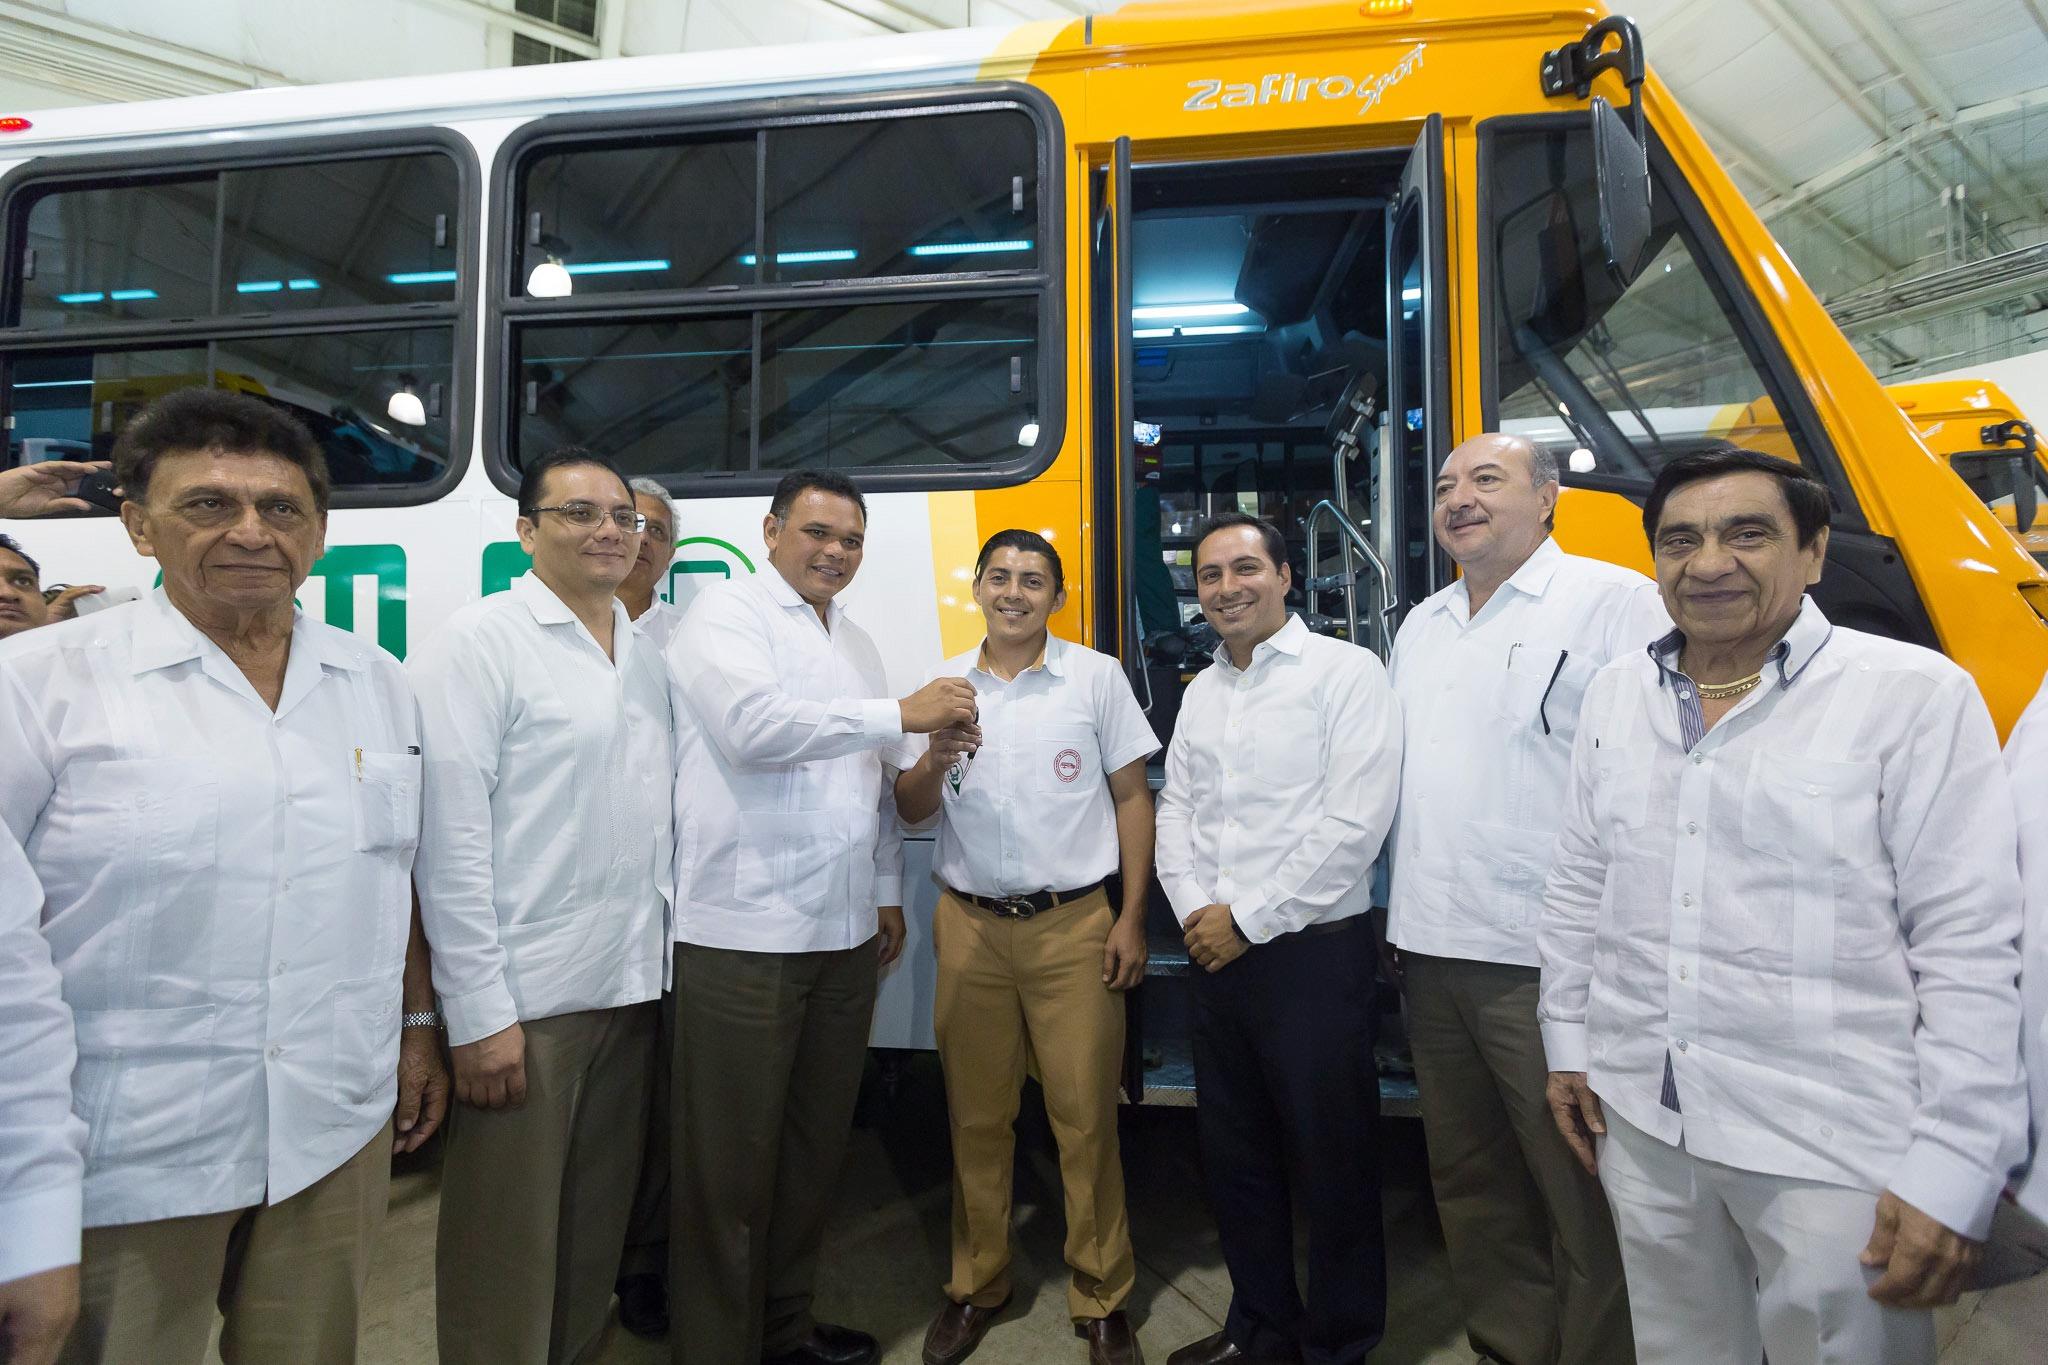 Nuevas rutas a modernización de transporte público en Mérida